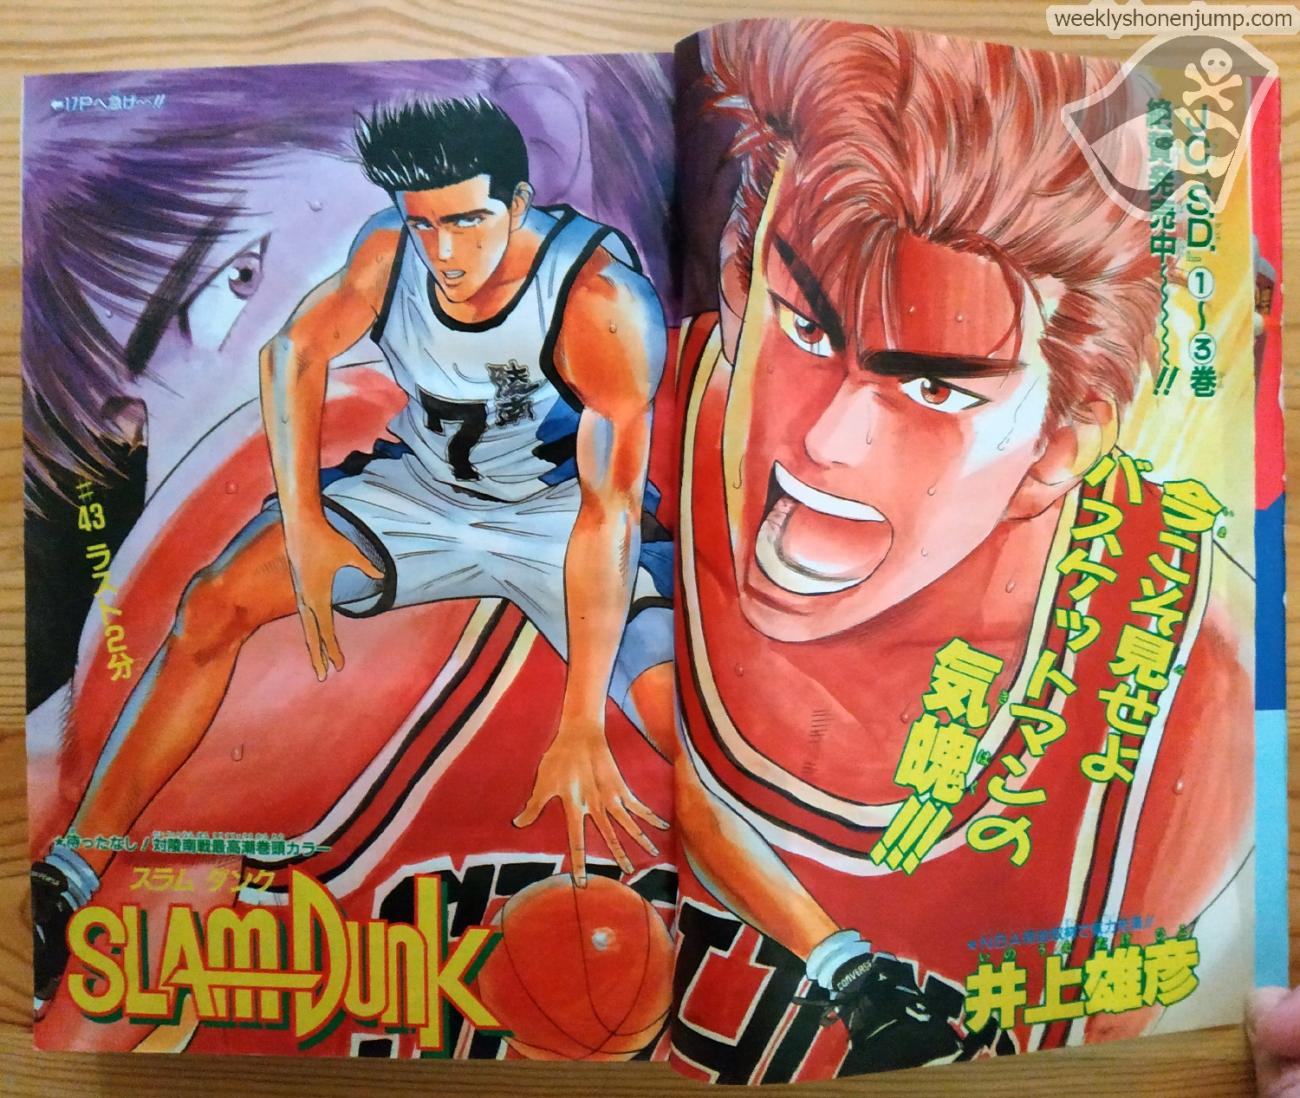 Weekly Shonen Jump 1991 #34 Slam Dunk 2